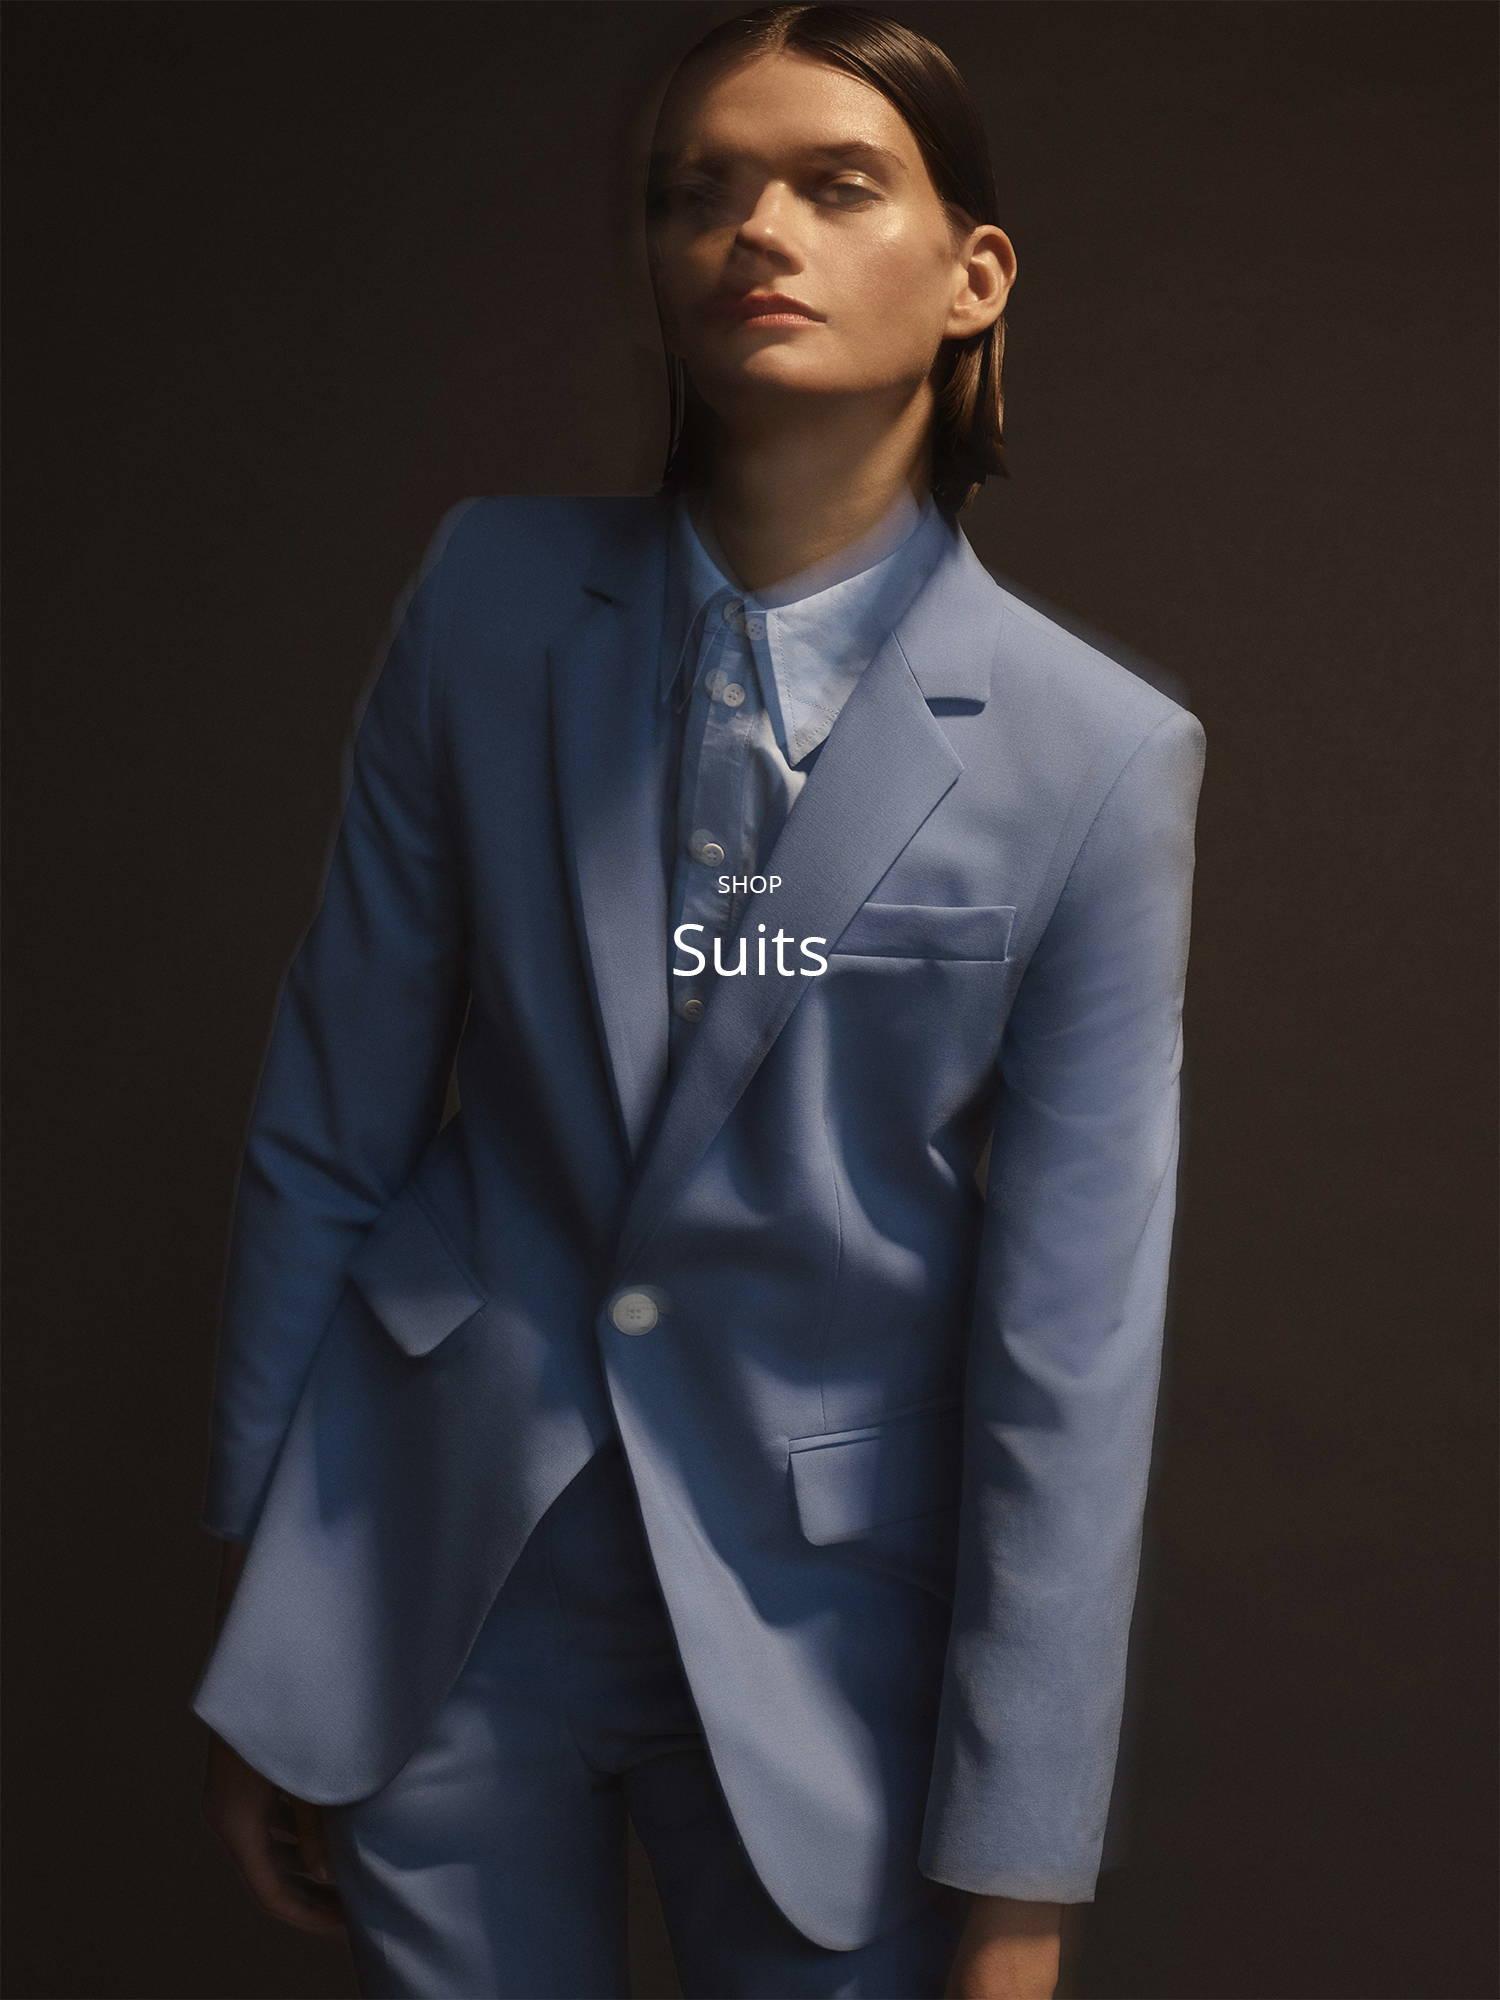 8a7ffe922f1 Judith   Charles - Modern Fashion for Women